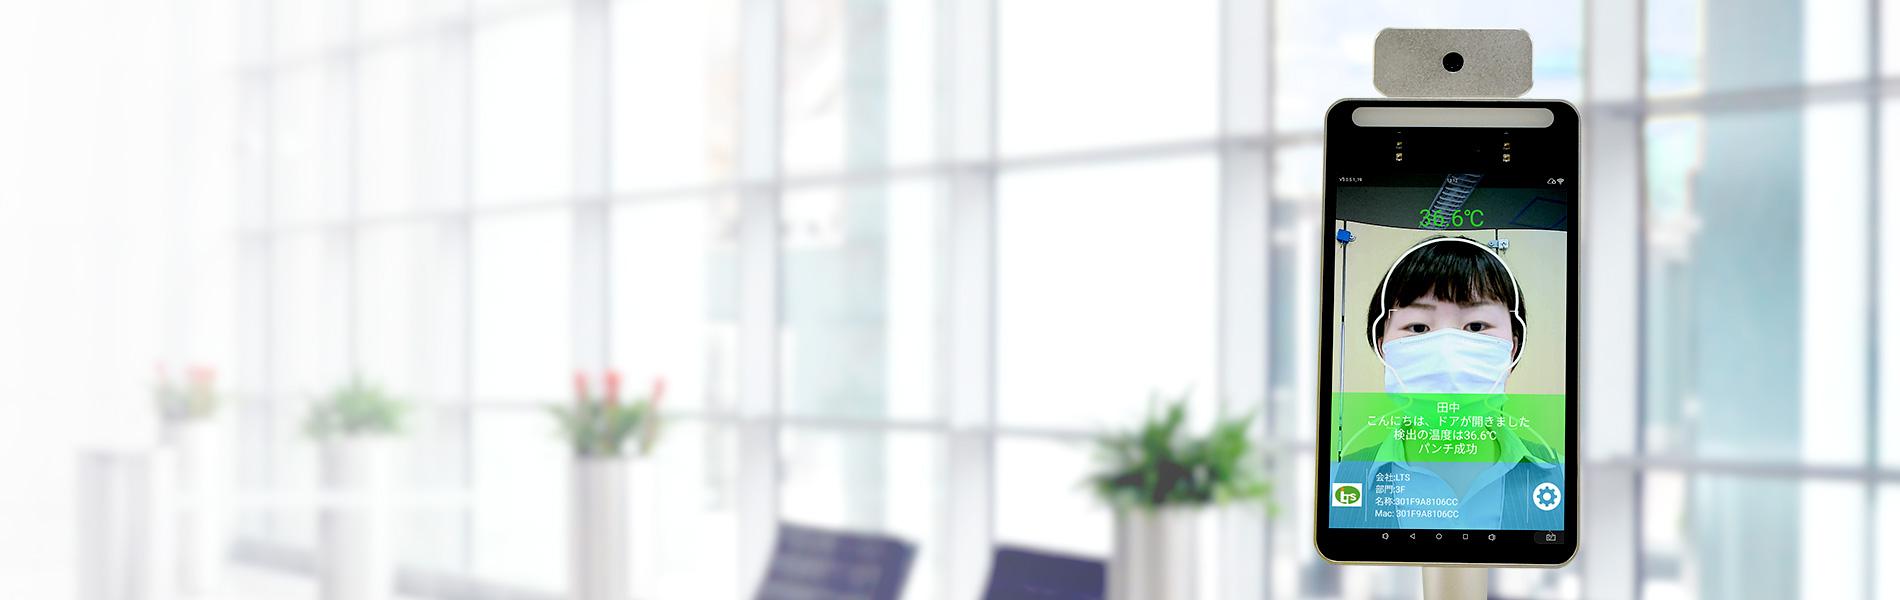 顔認証&非接触検温入退室管理システム